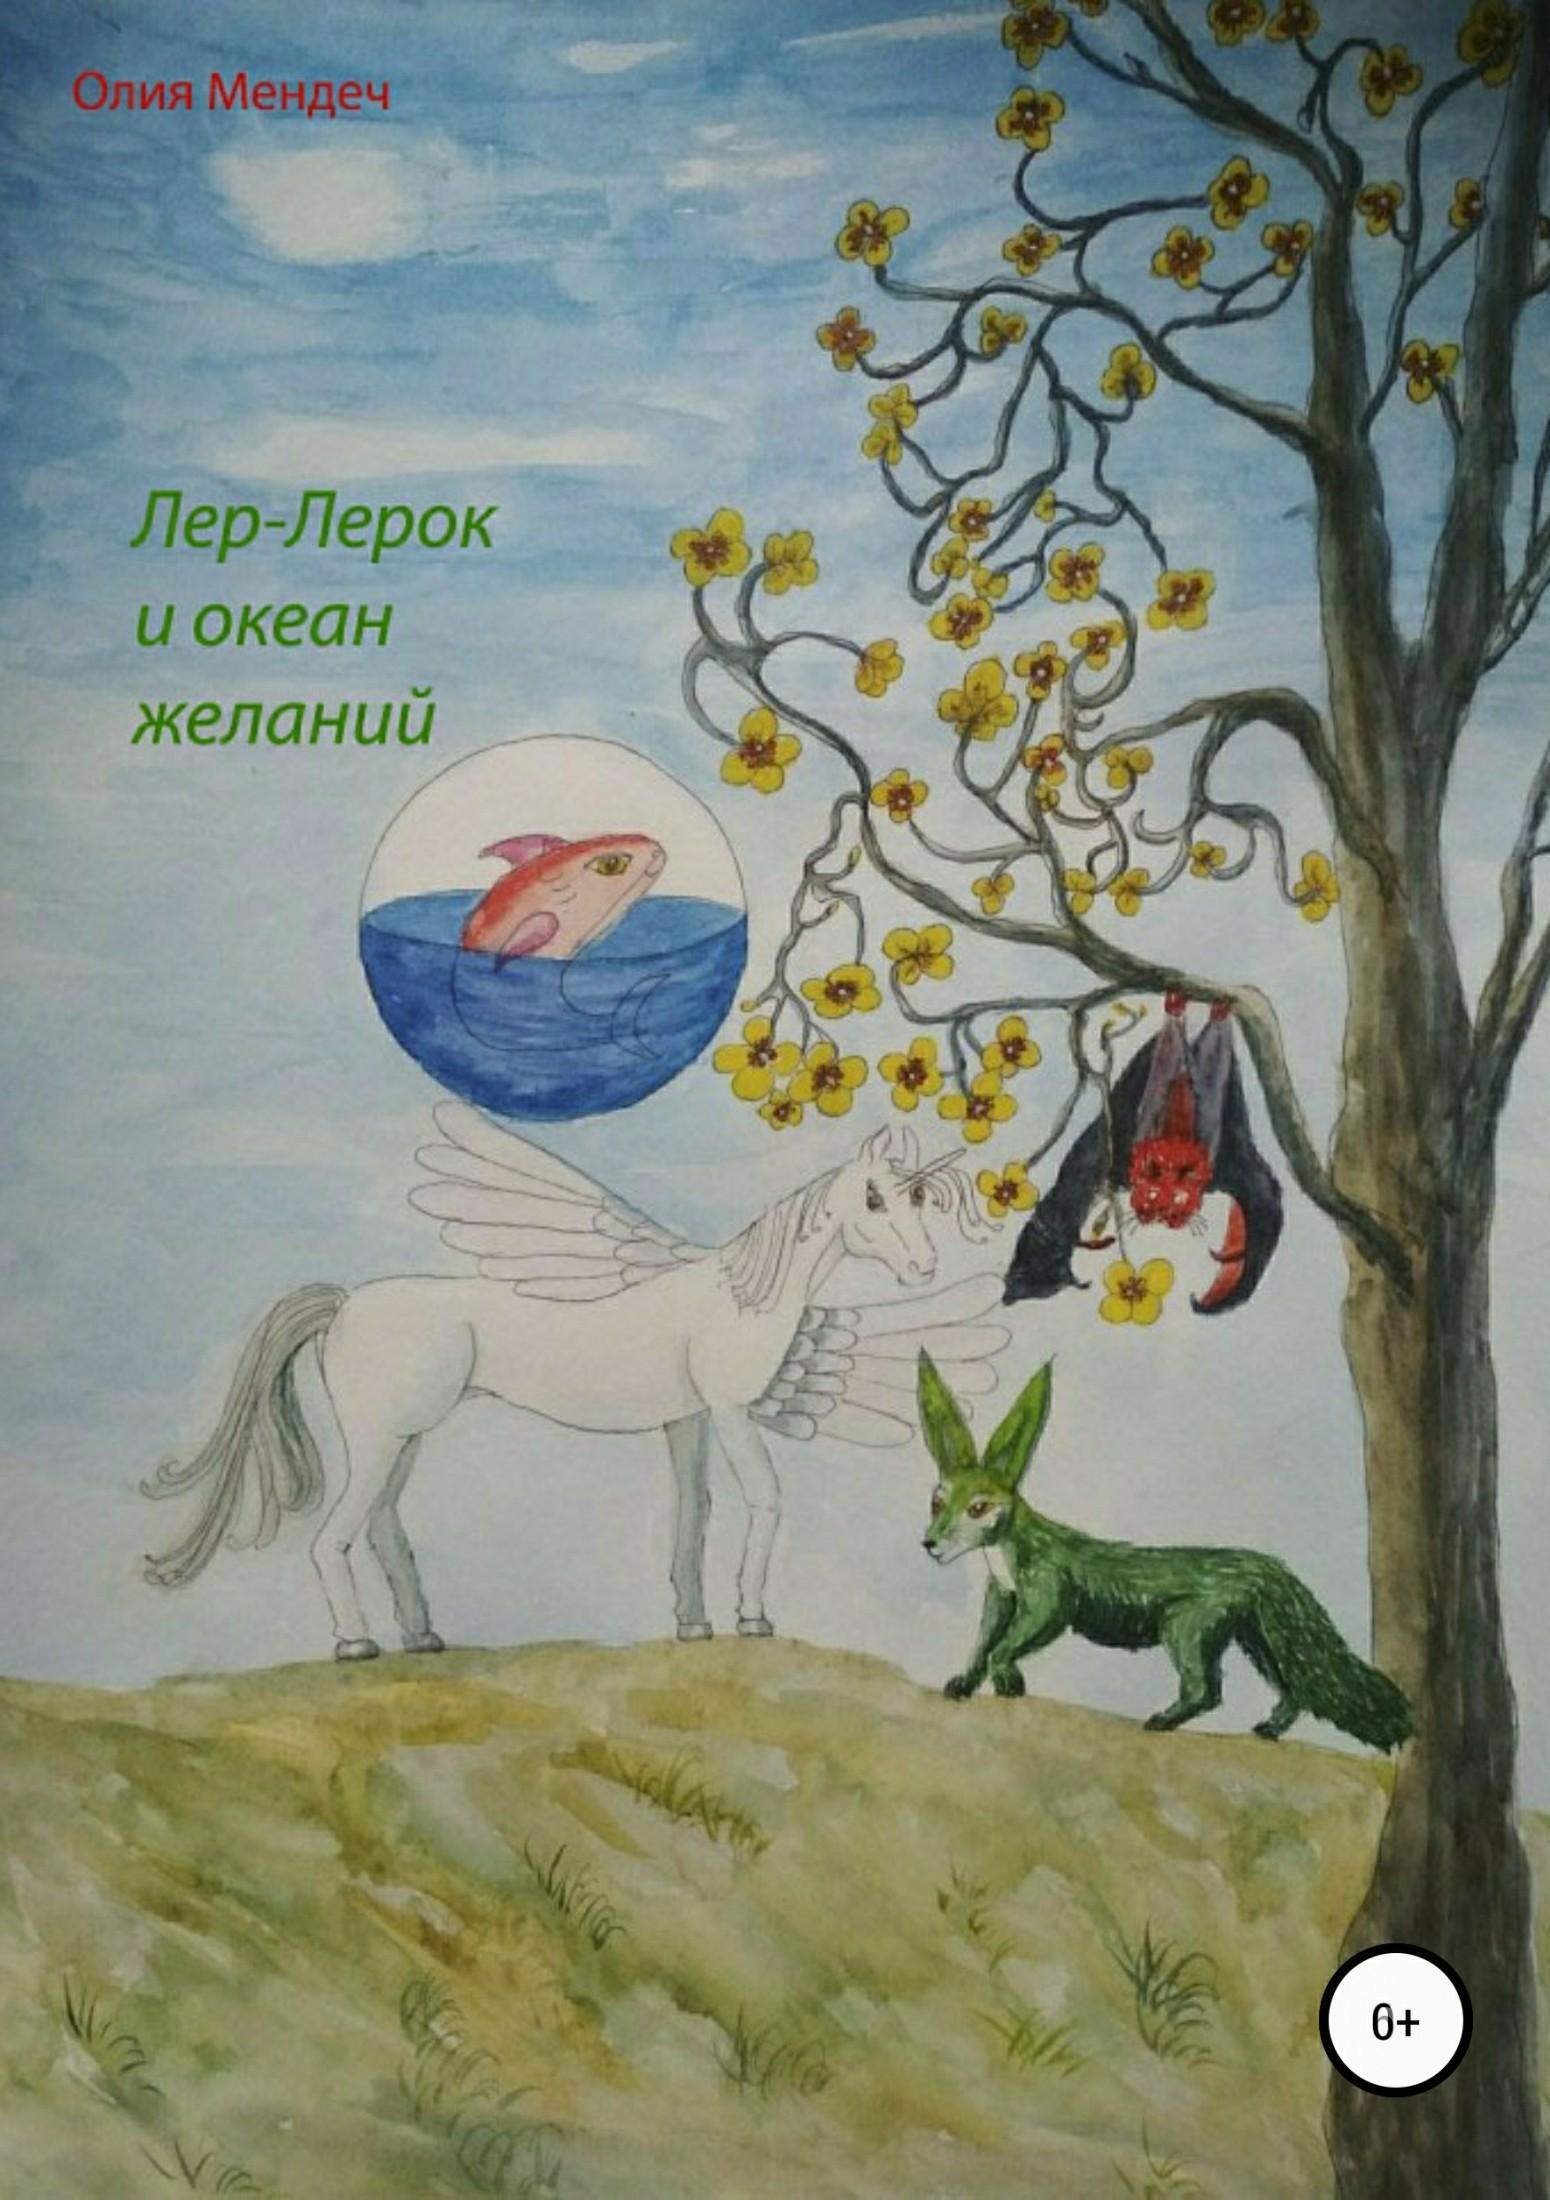 Лер-Лерок и океан желаний